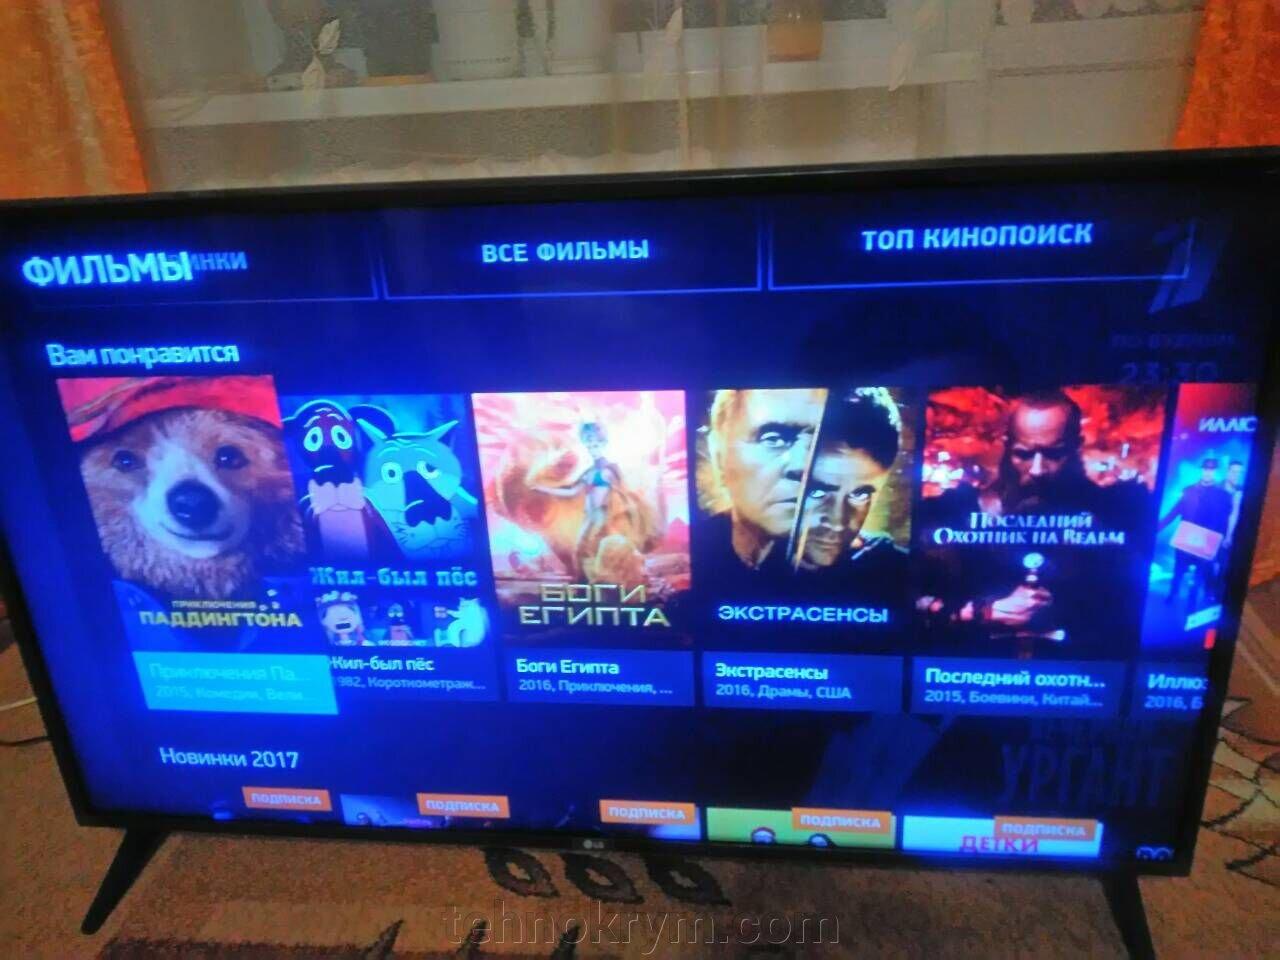 Доставка телевизора LG49UJ630V в Армянск - фото pic_9aba7012c36566a_1920x9000_1.jpg